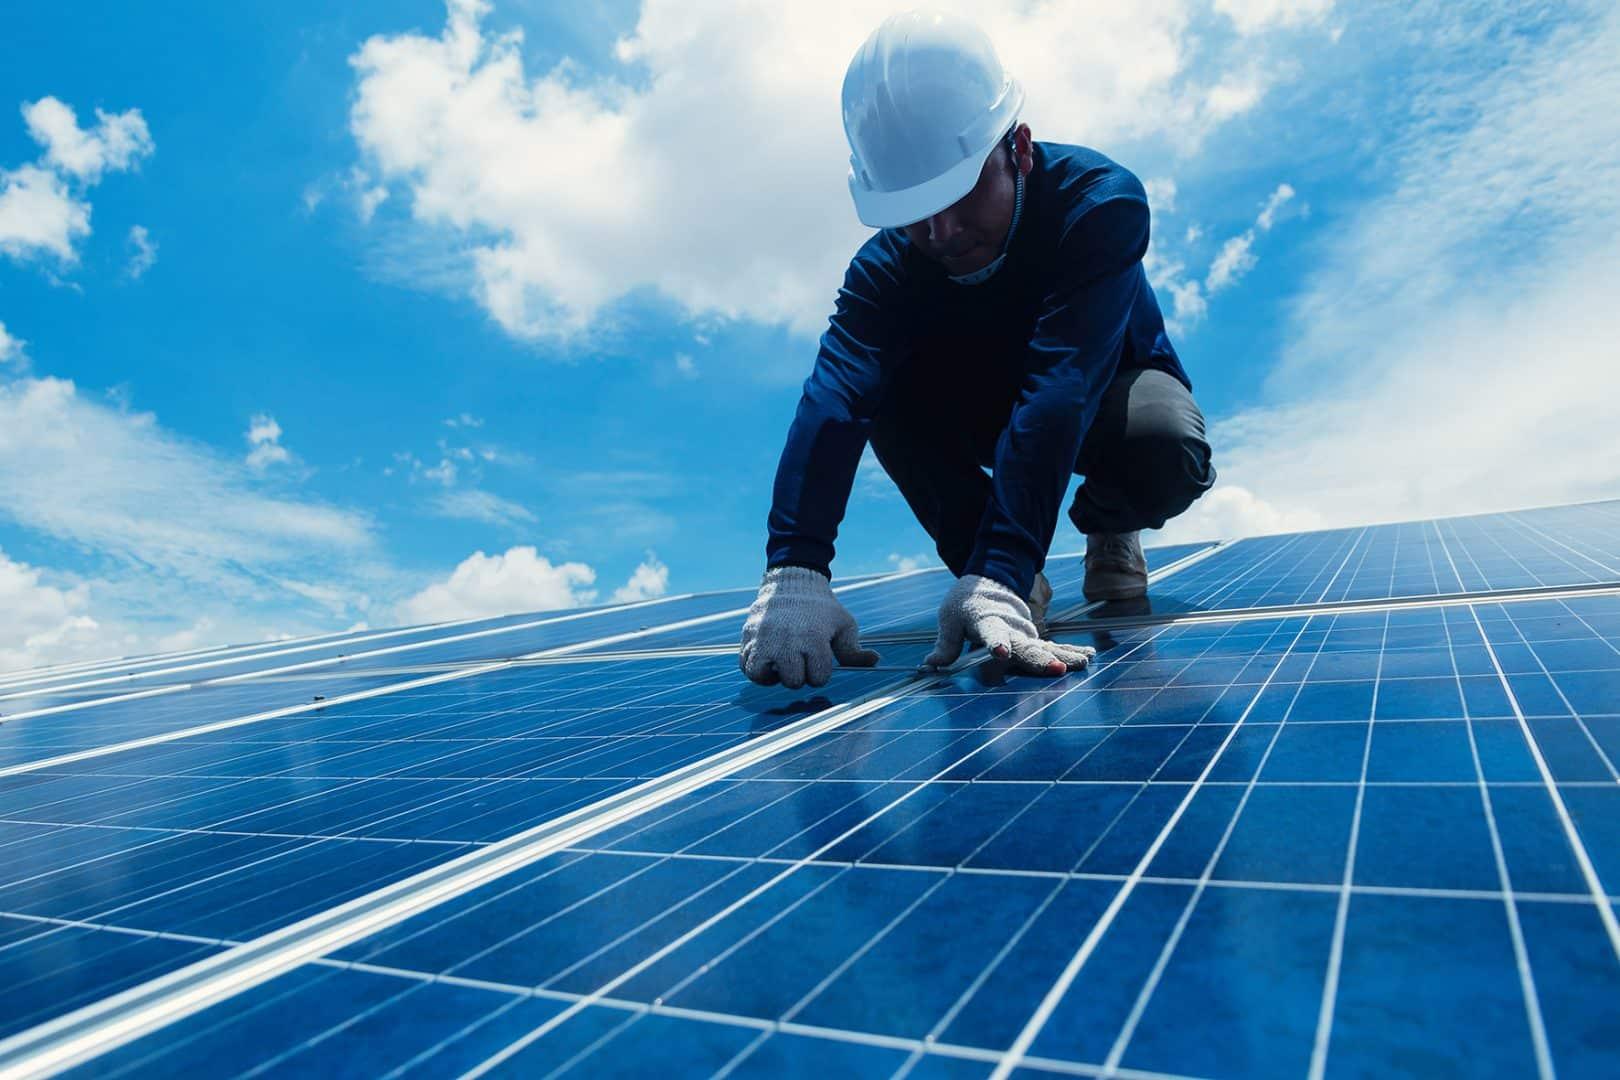 les tarifs preferentiels des contrats noues entre 2006 et 2011 seront revises